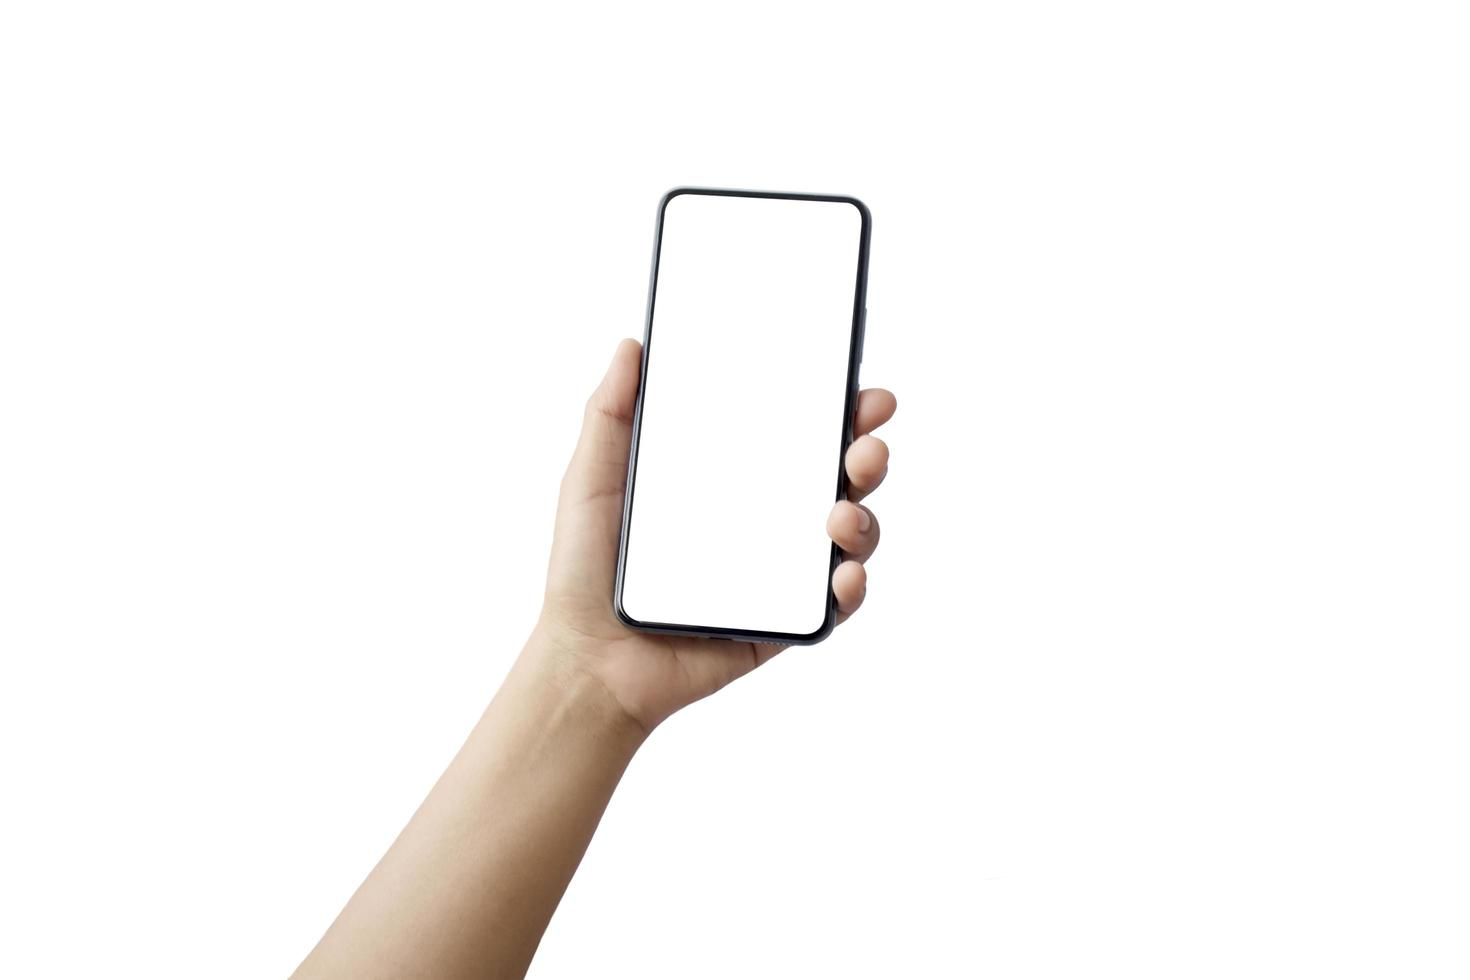 mobiele smartphone met stijlvol design en een leeg scherm geïsoleerd op een witte achtergrond met het uitknippad foto